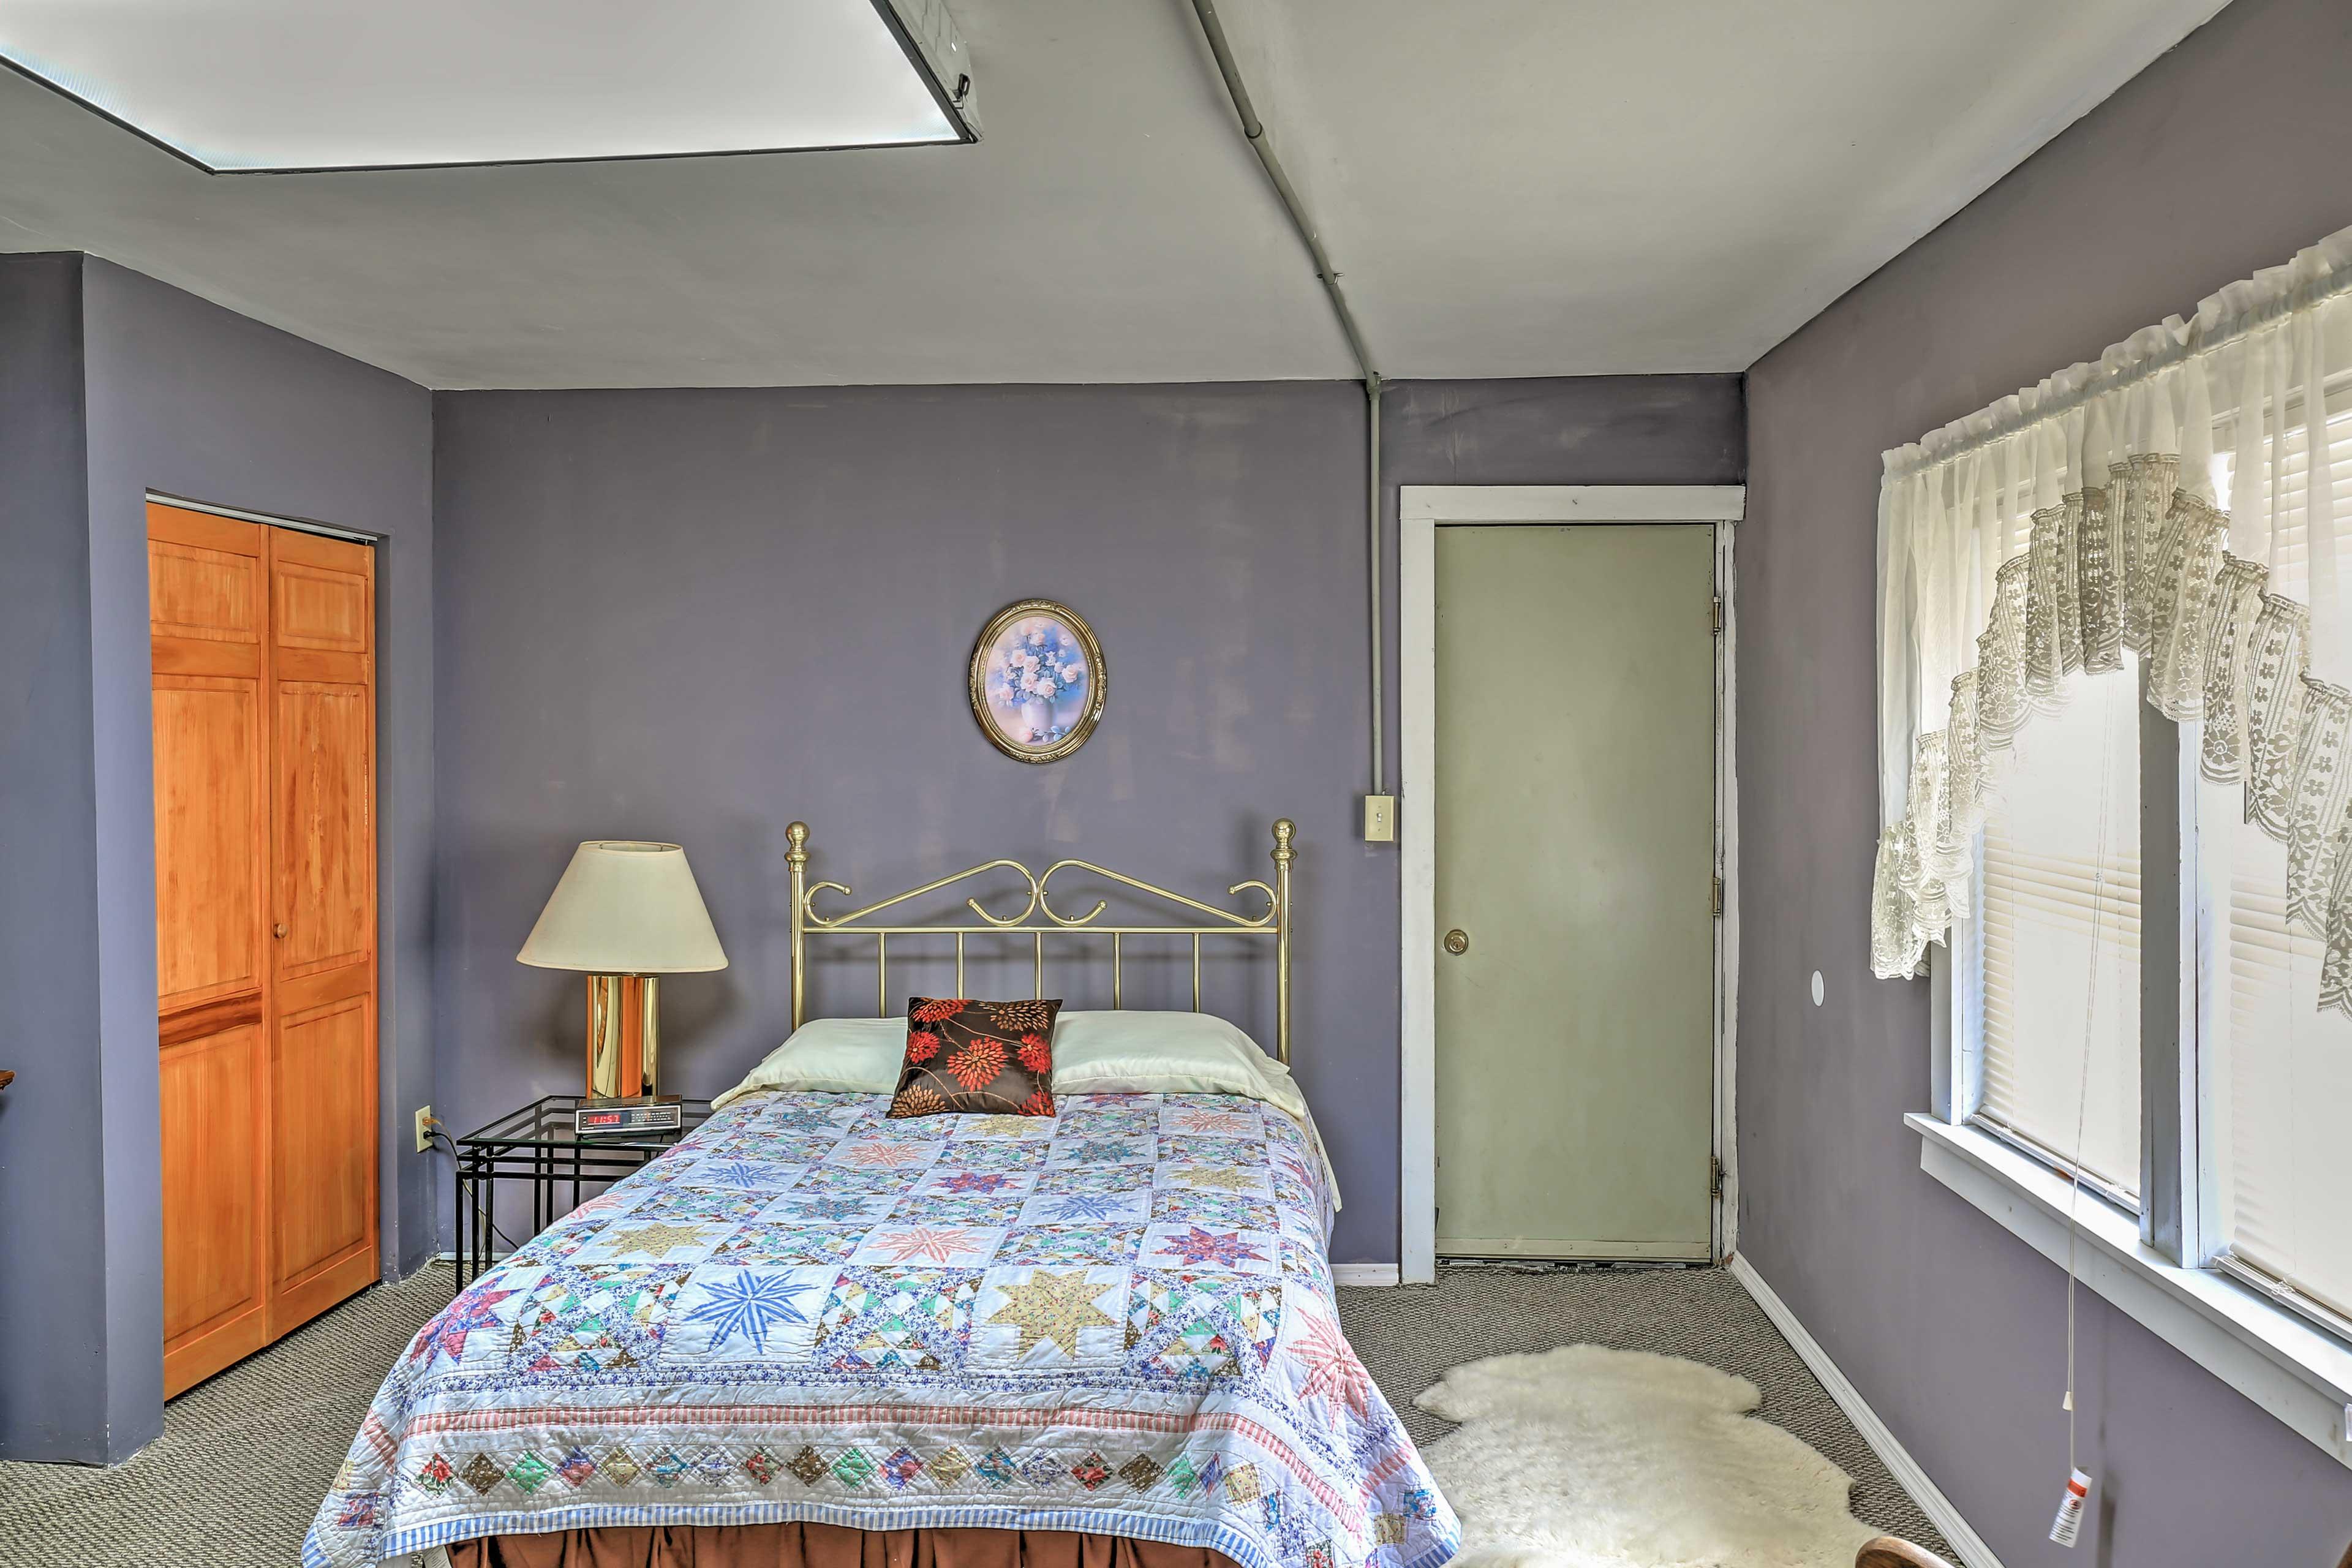 Two bedrooms offer queen beds.